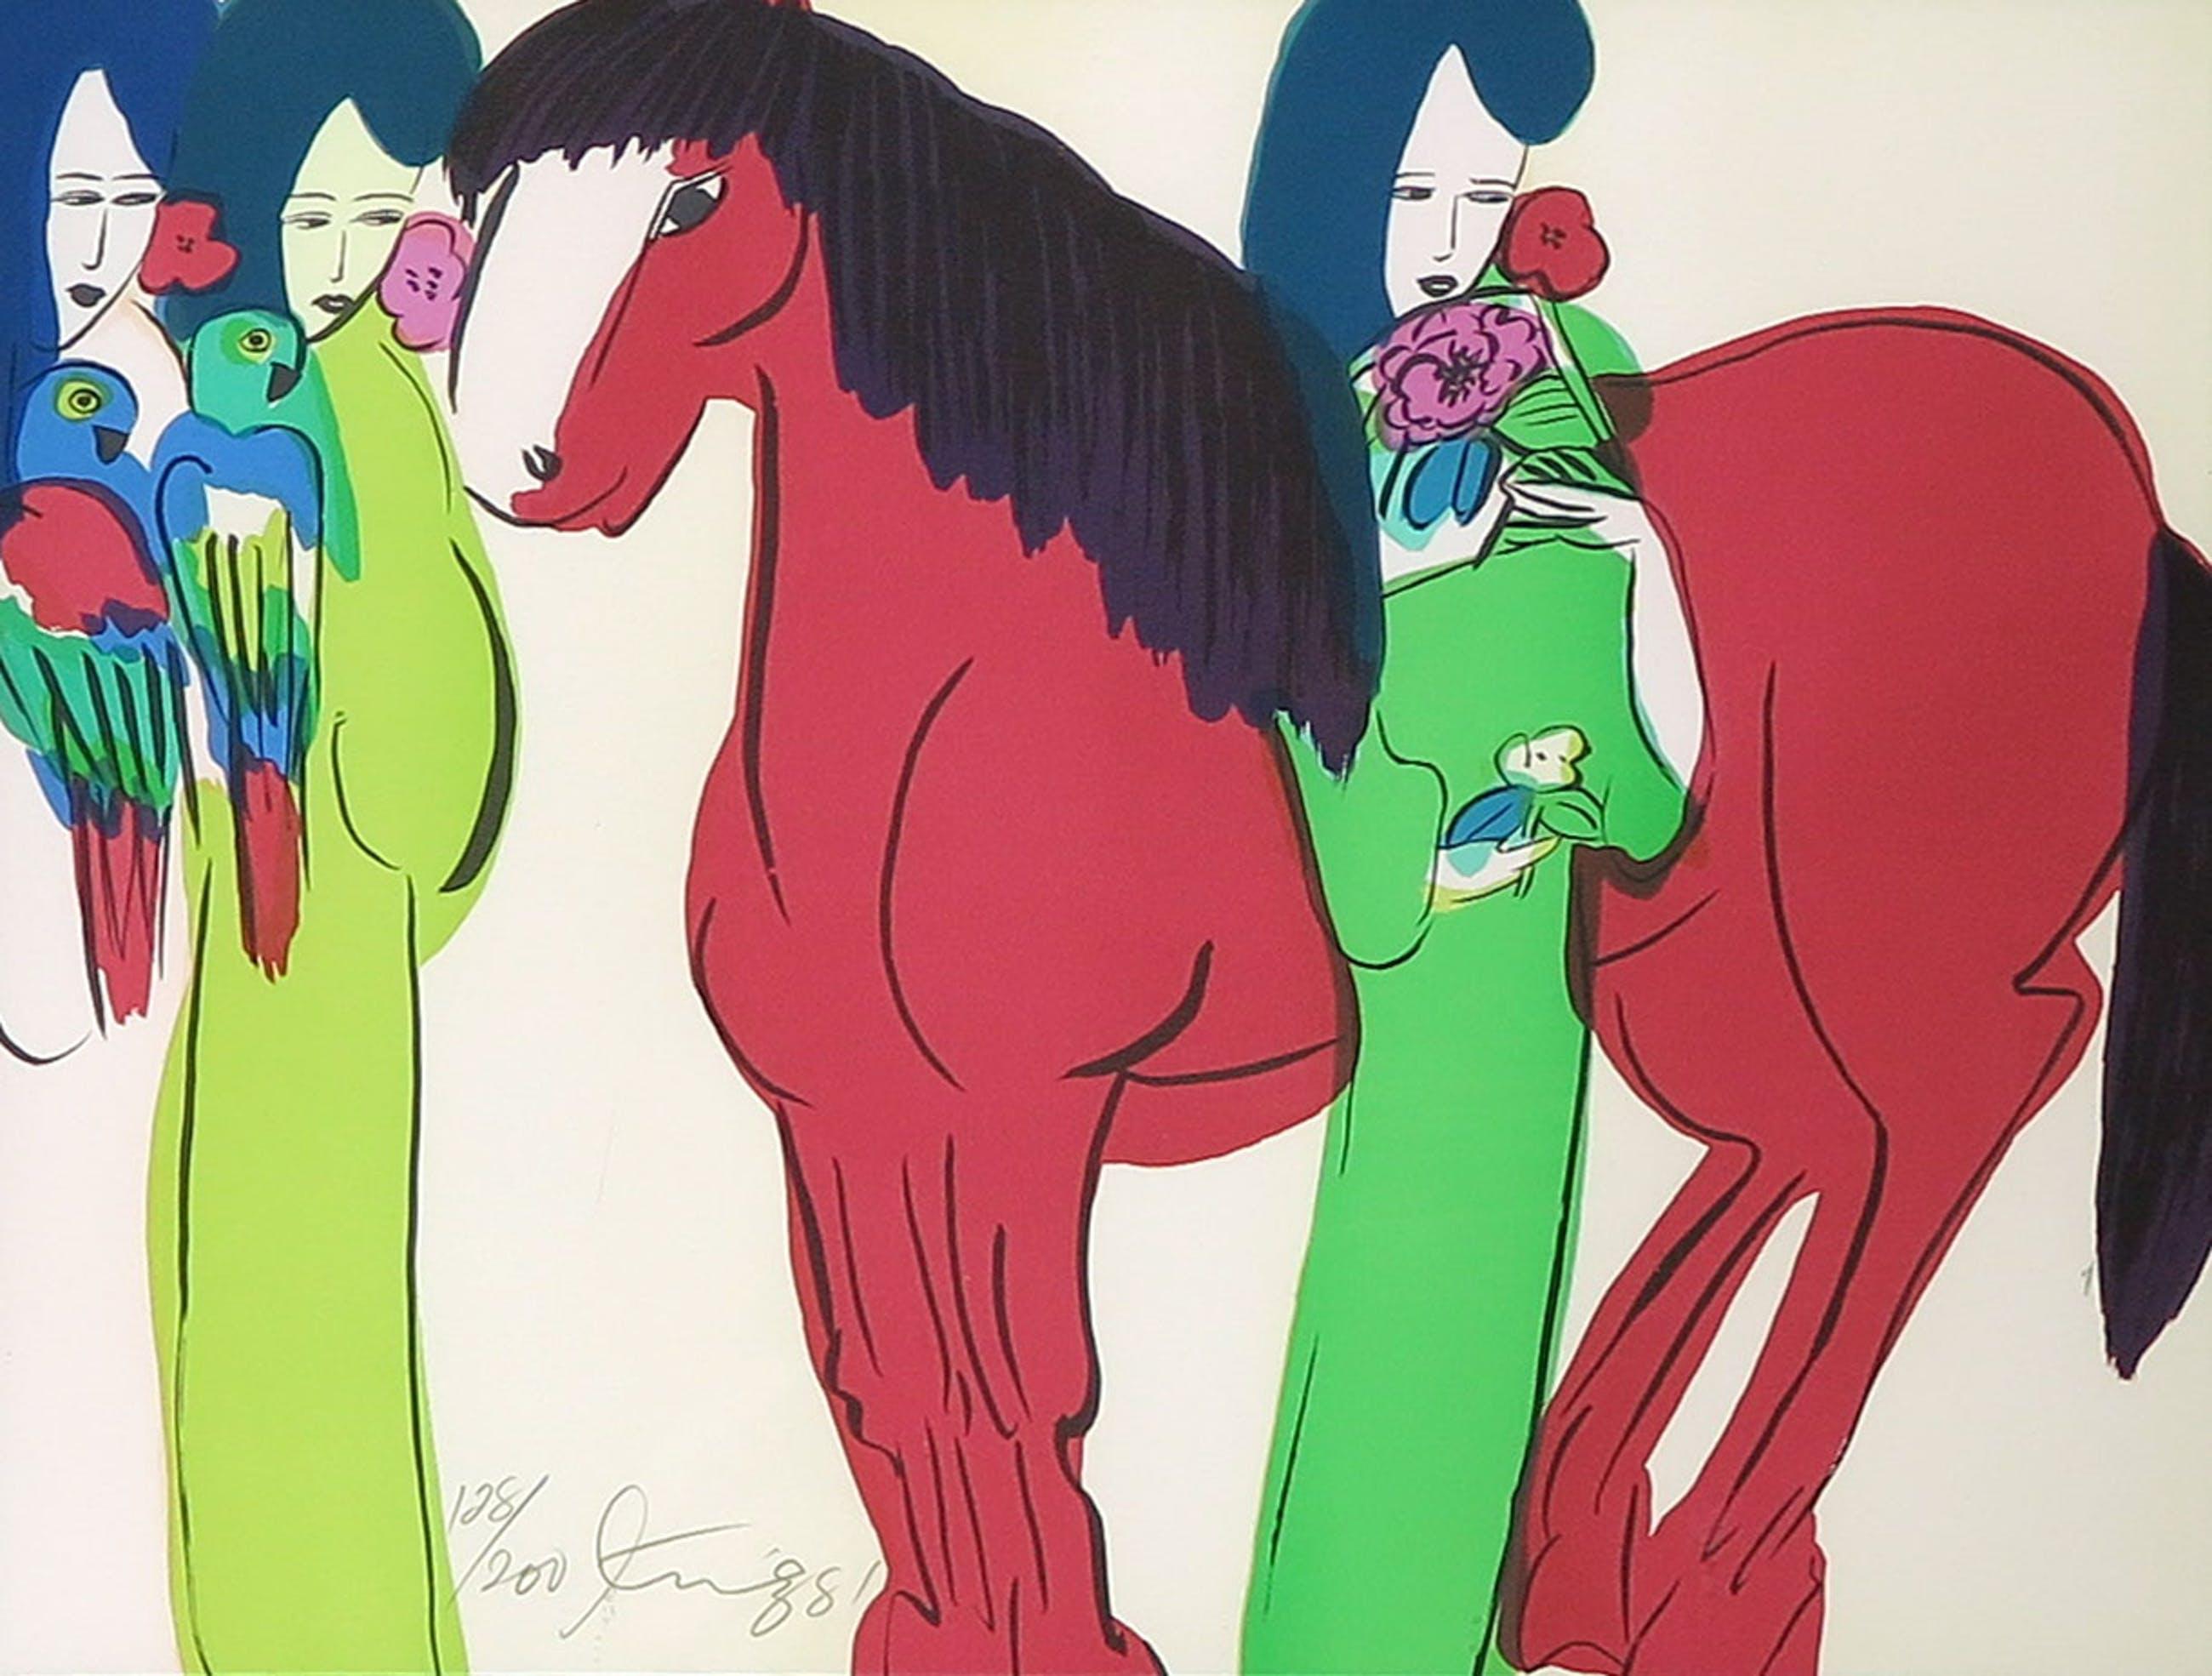 Walasse Ting - Zeefdruk, Geisha's met paard - Ingelijst kopen? Bied vanaf 350!